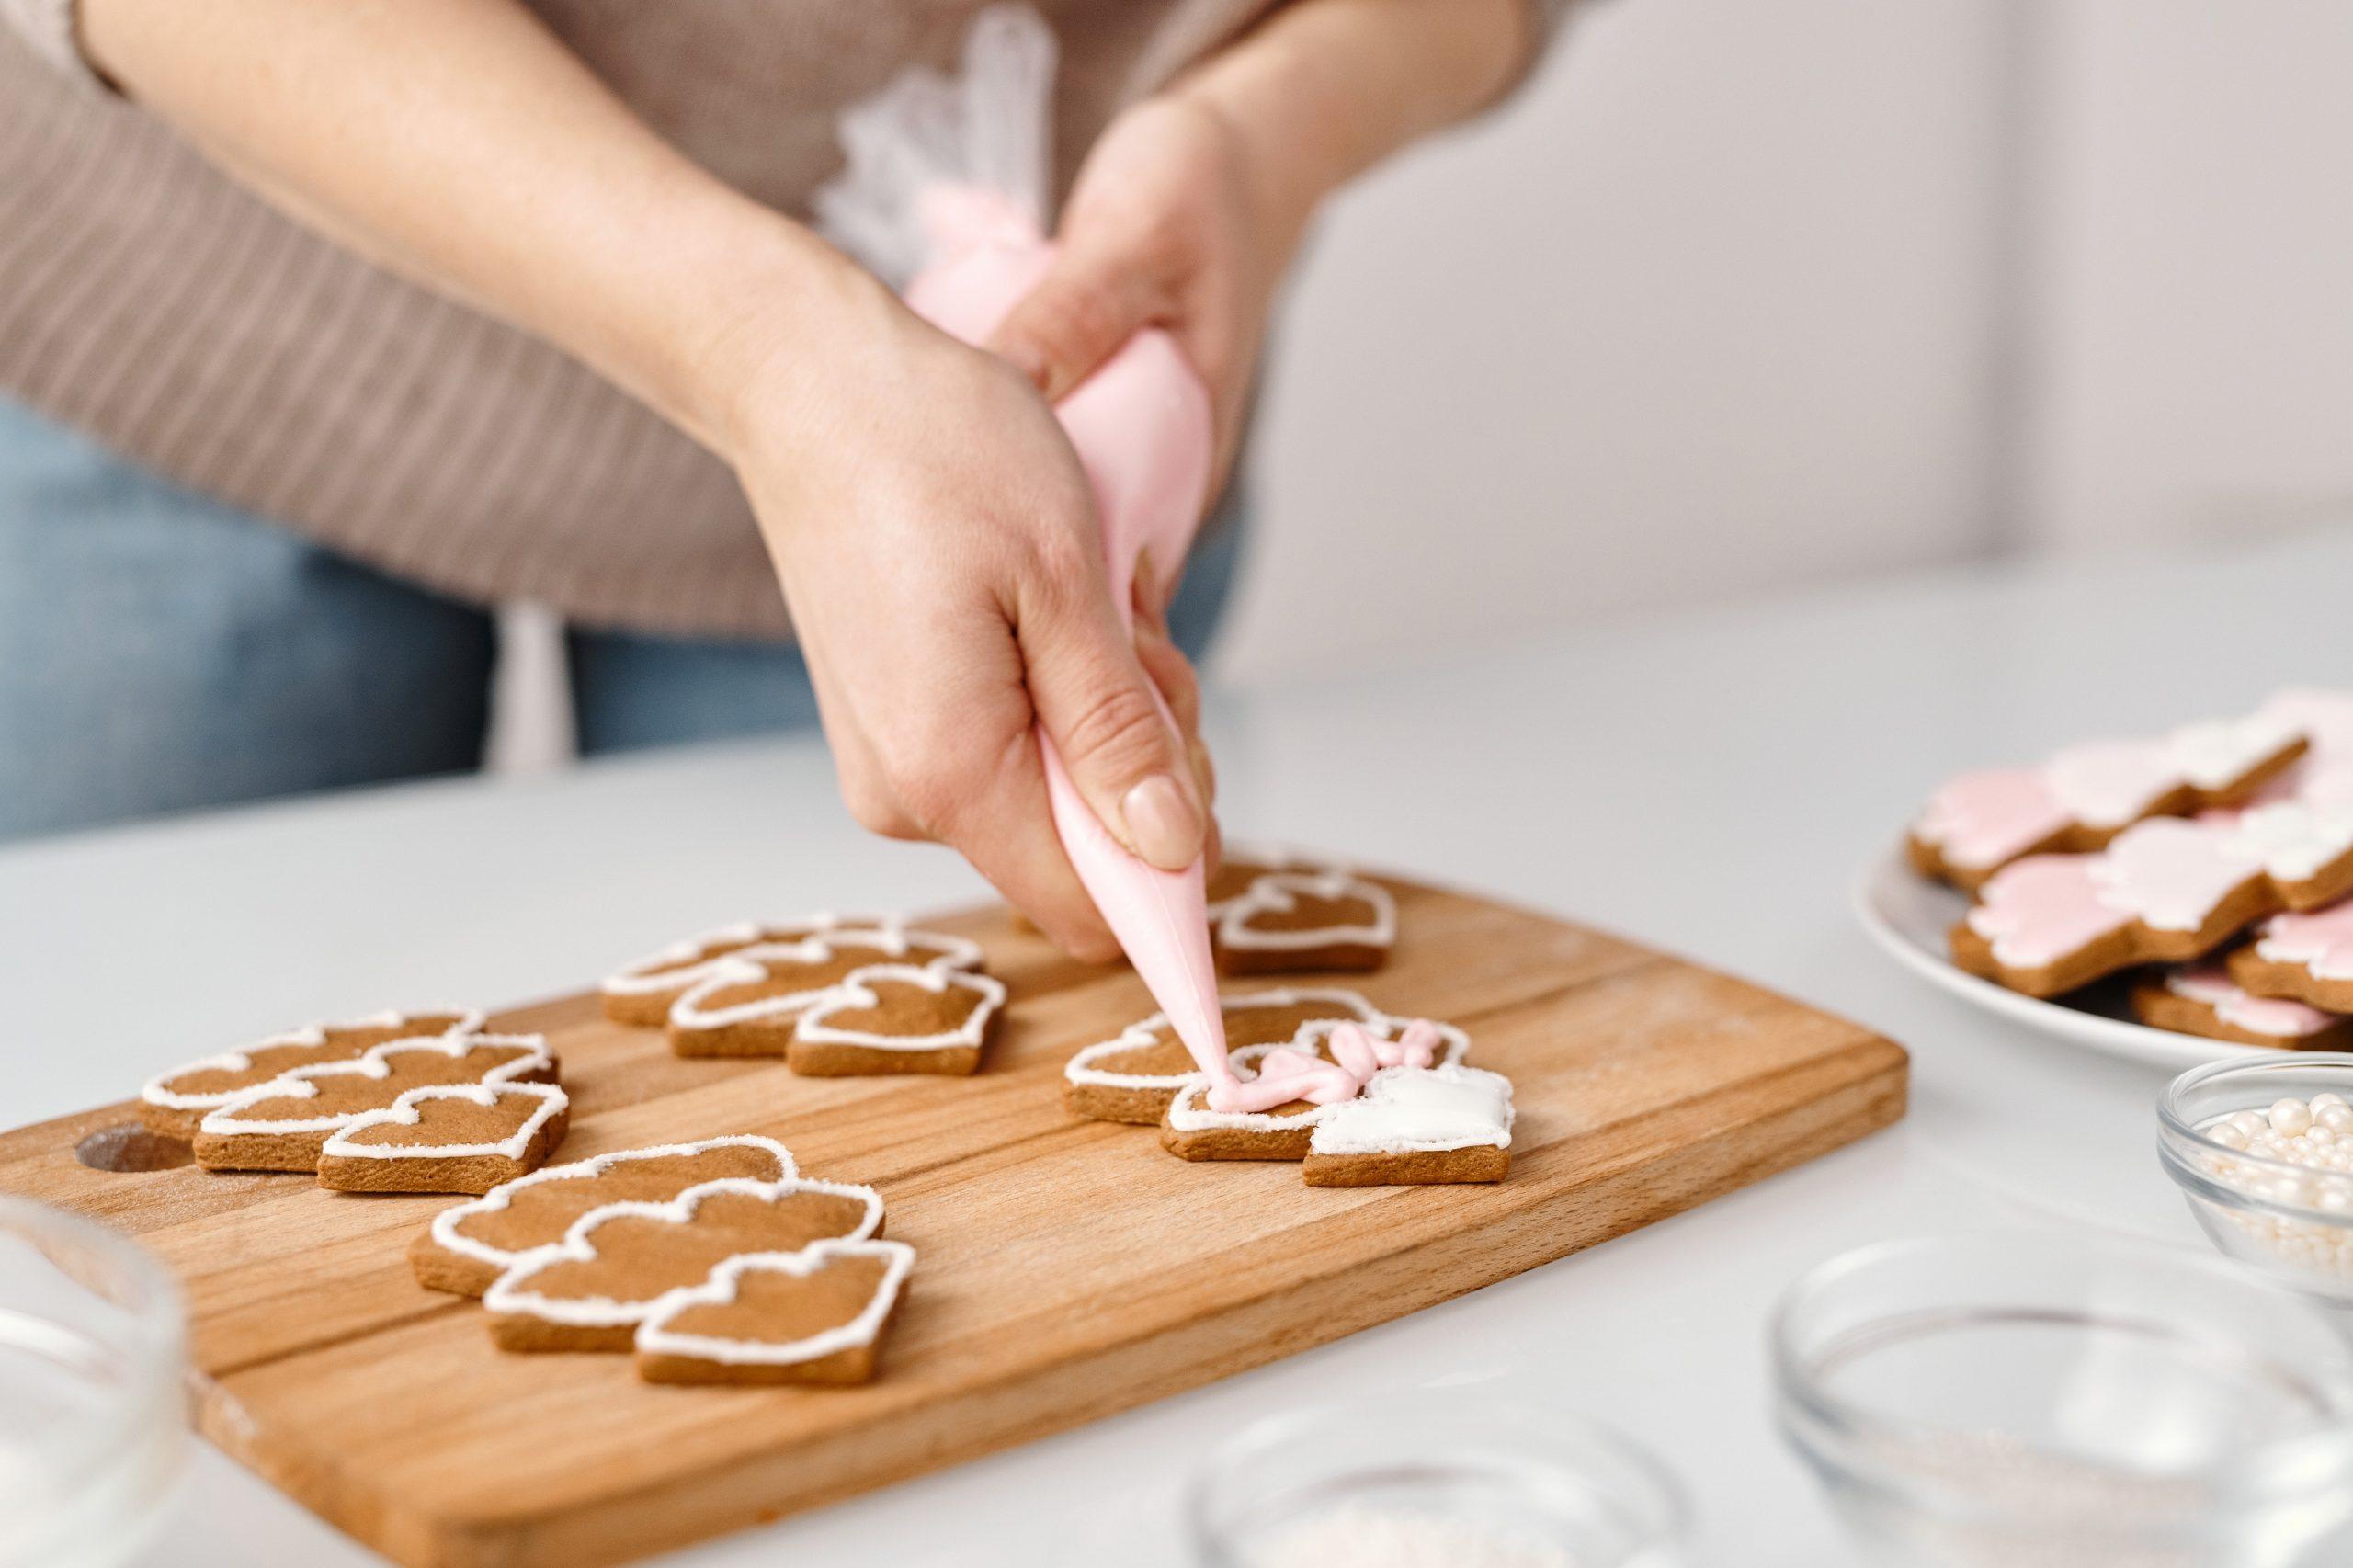 Imagem de uma pessoa confeitando biscoitos.